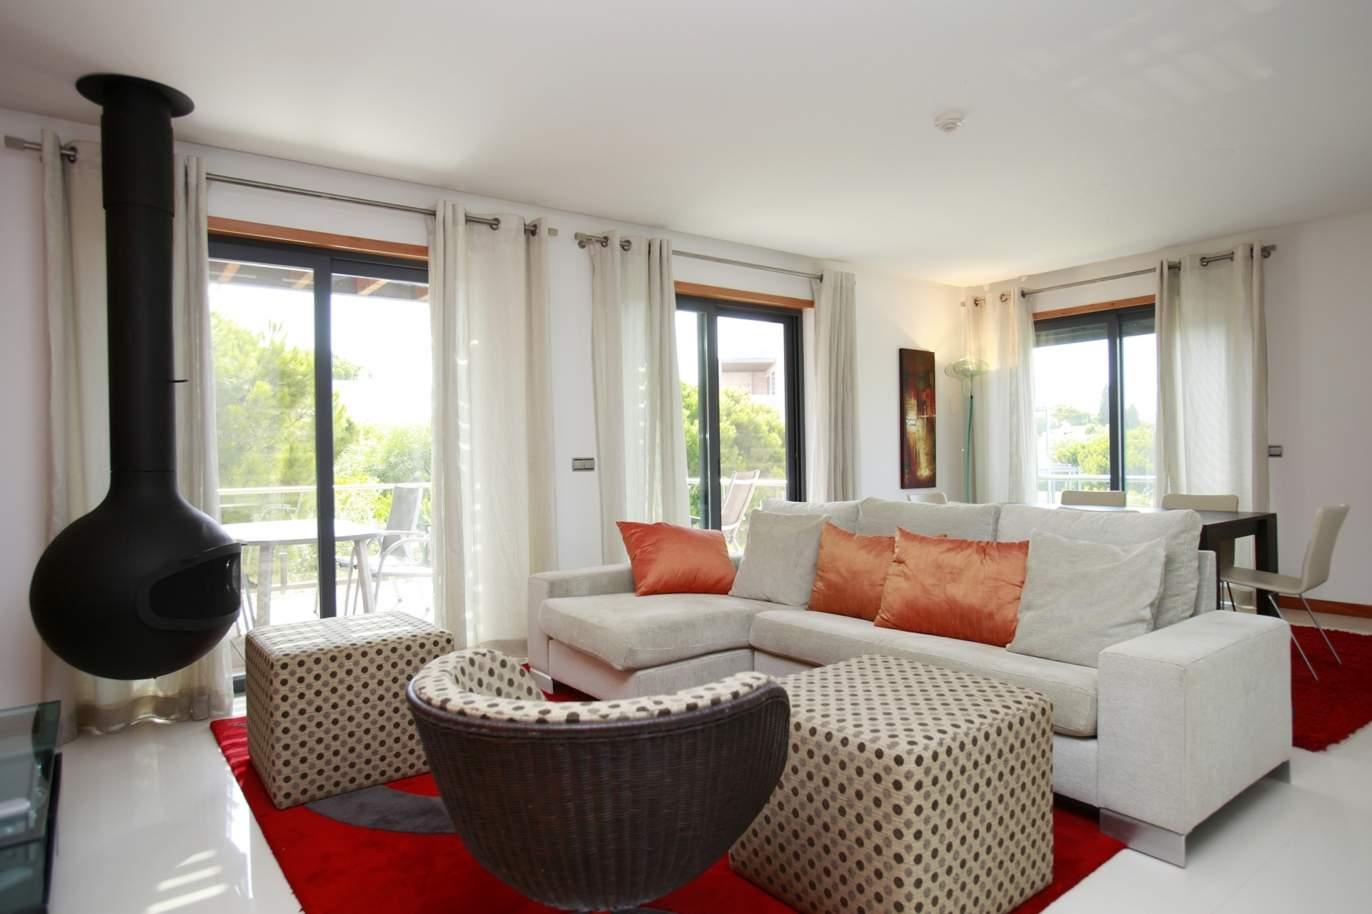 apartamento-para-venda-com-vista-golfe-em-vale-do-lobo-algarve